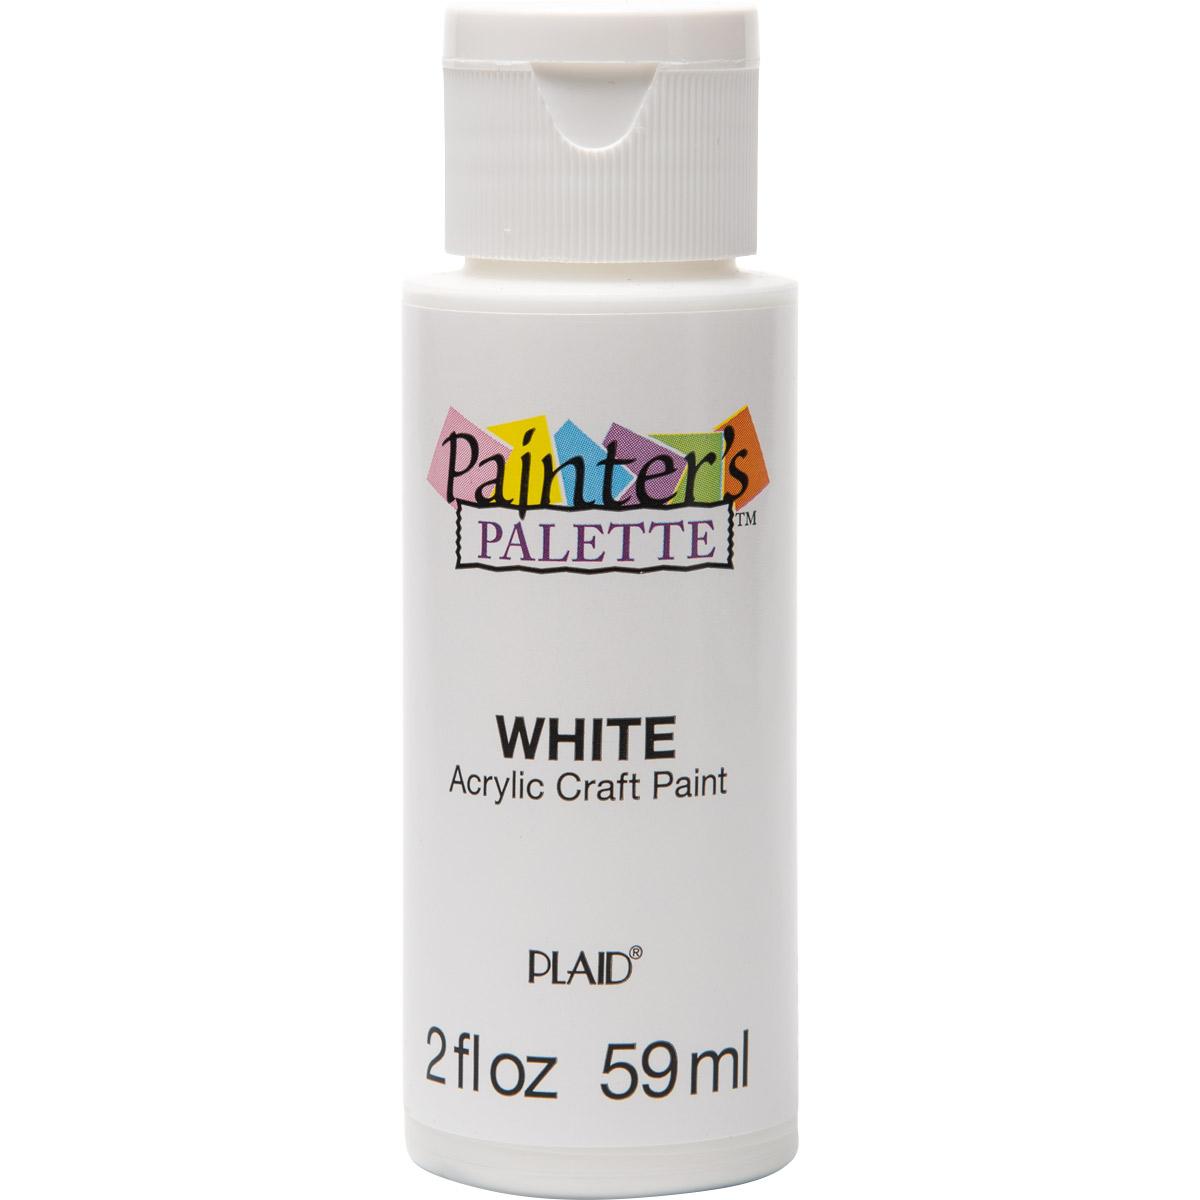 Plaid ® Painter's Palette™ Acrylic Paint - White, 2 oz. - 23888